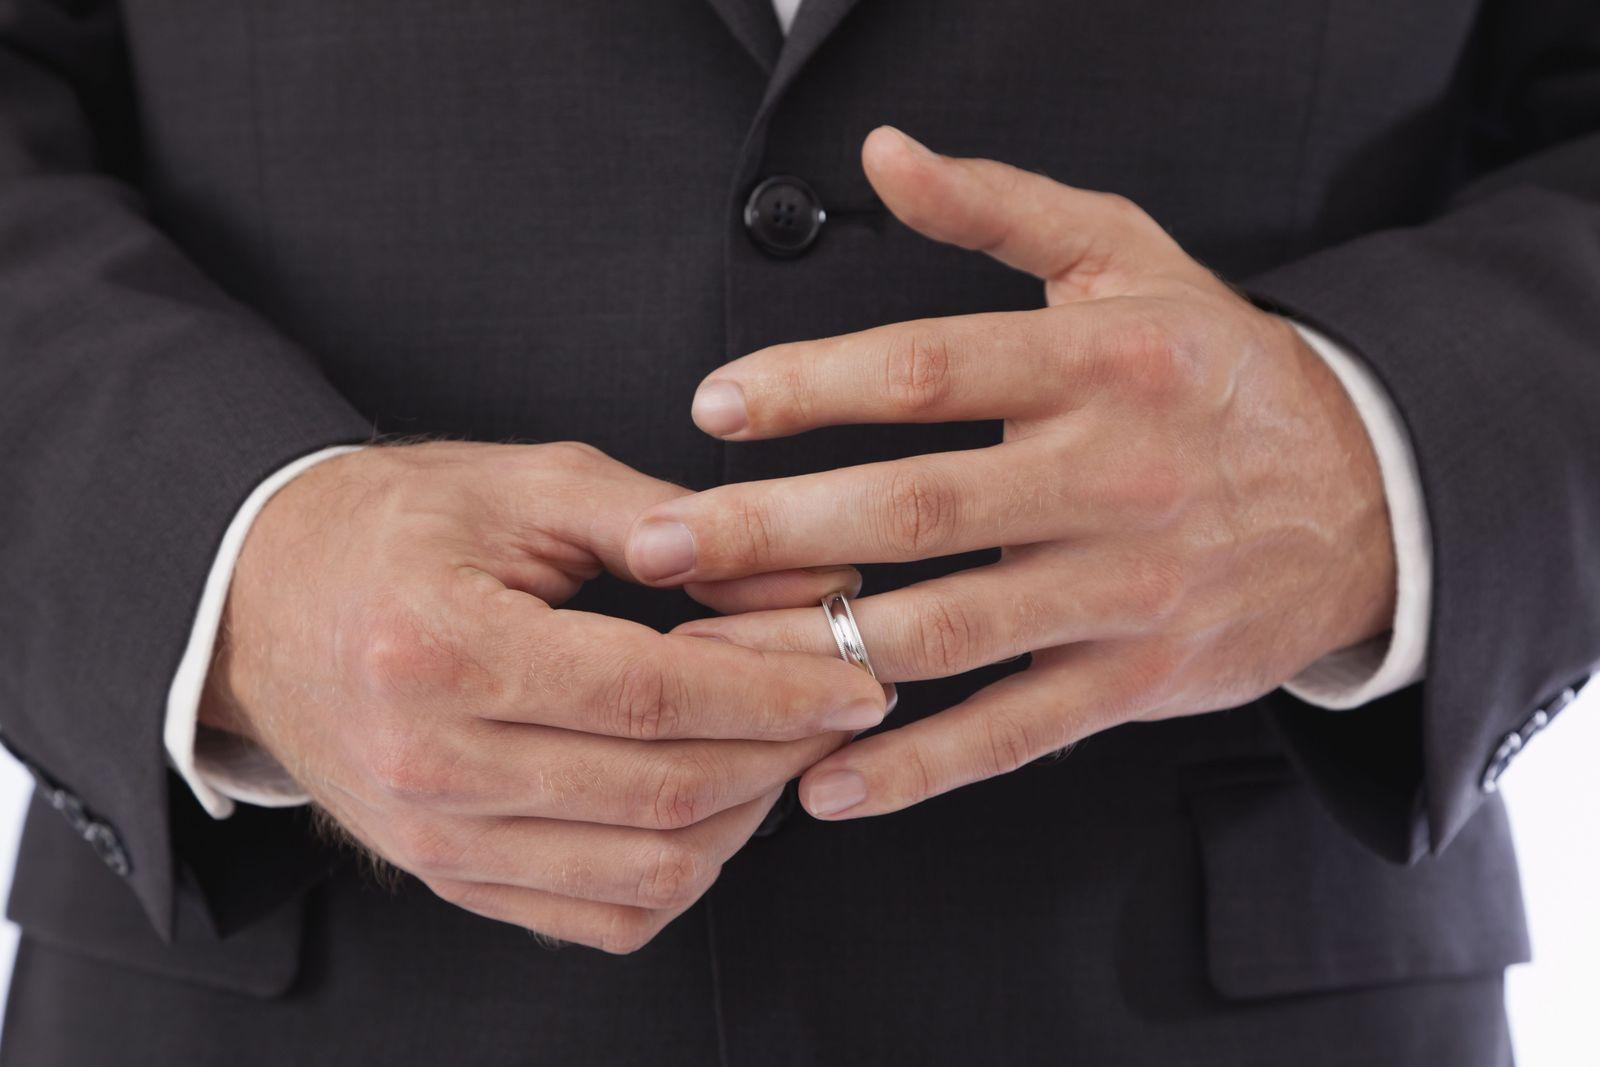 NICHT MEHR VERWENDEN! - Scheidung / Ehepaar / Ehering / Ring